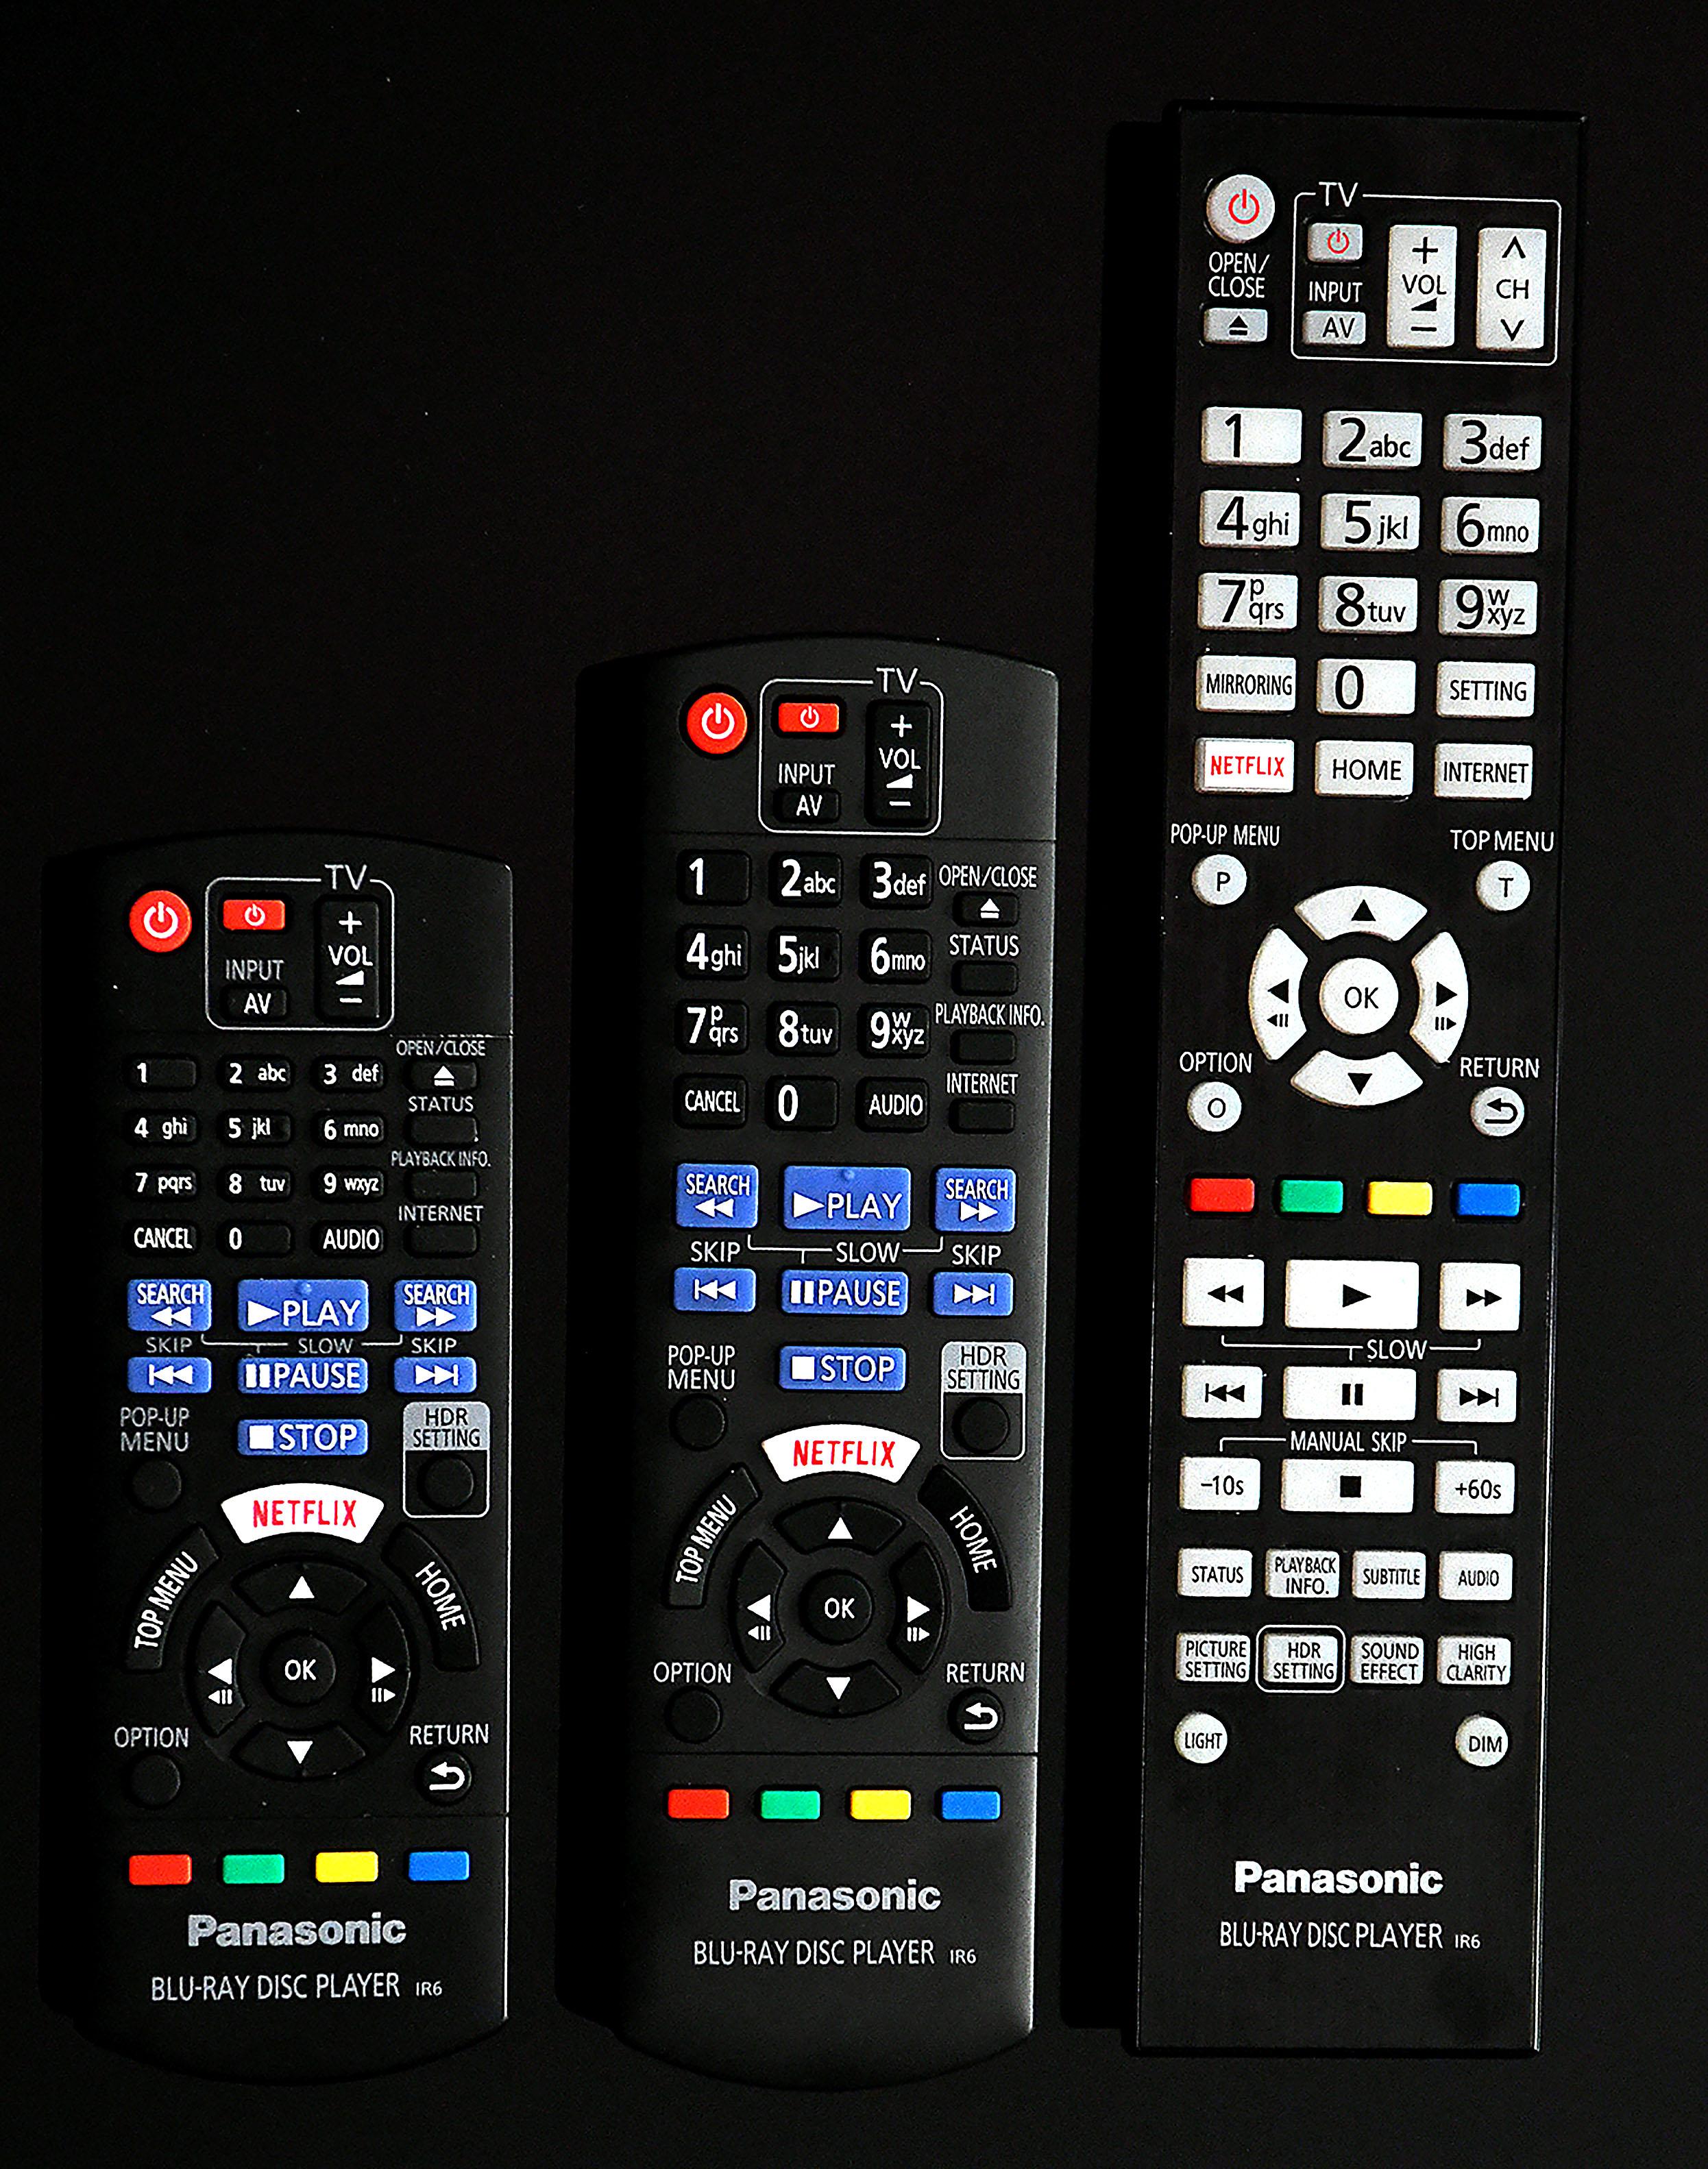 """Foto: Michael B. Rehders Die beste Fernbedienung ist die vom Panasonic DP-UB9004 (ganz rechts). Die beiden anderen Handsender besitzen eine suboptimal angebrachte """"Netflix""""-Taste, auf die ständig ungewollt geklickt wird, wenn durchs On-Screen-Menü navigiert wird."""